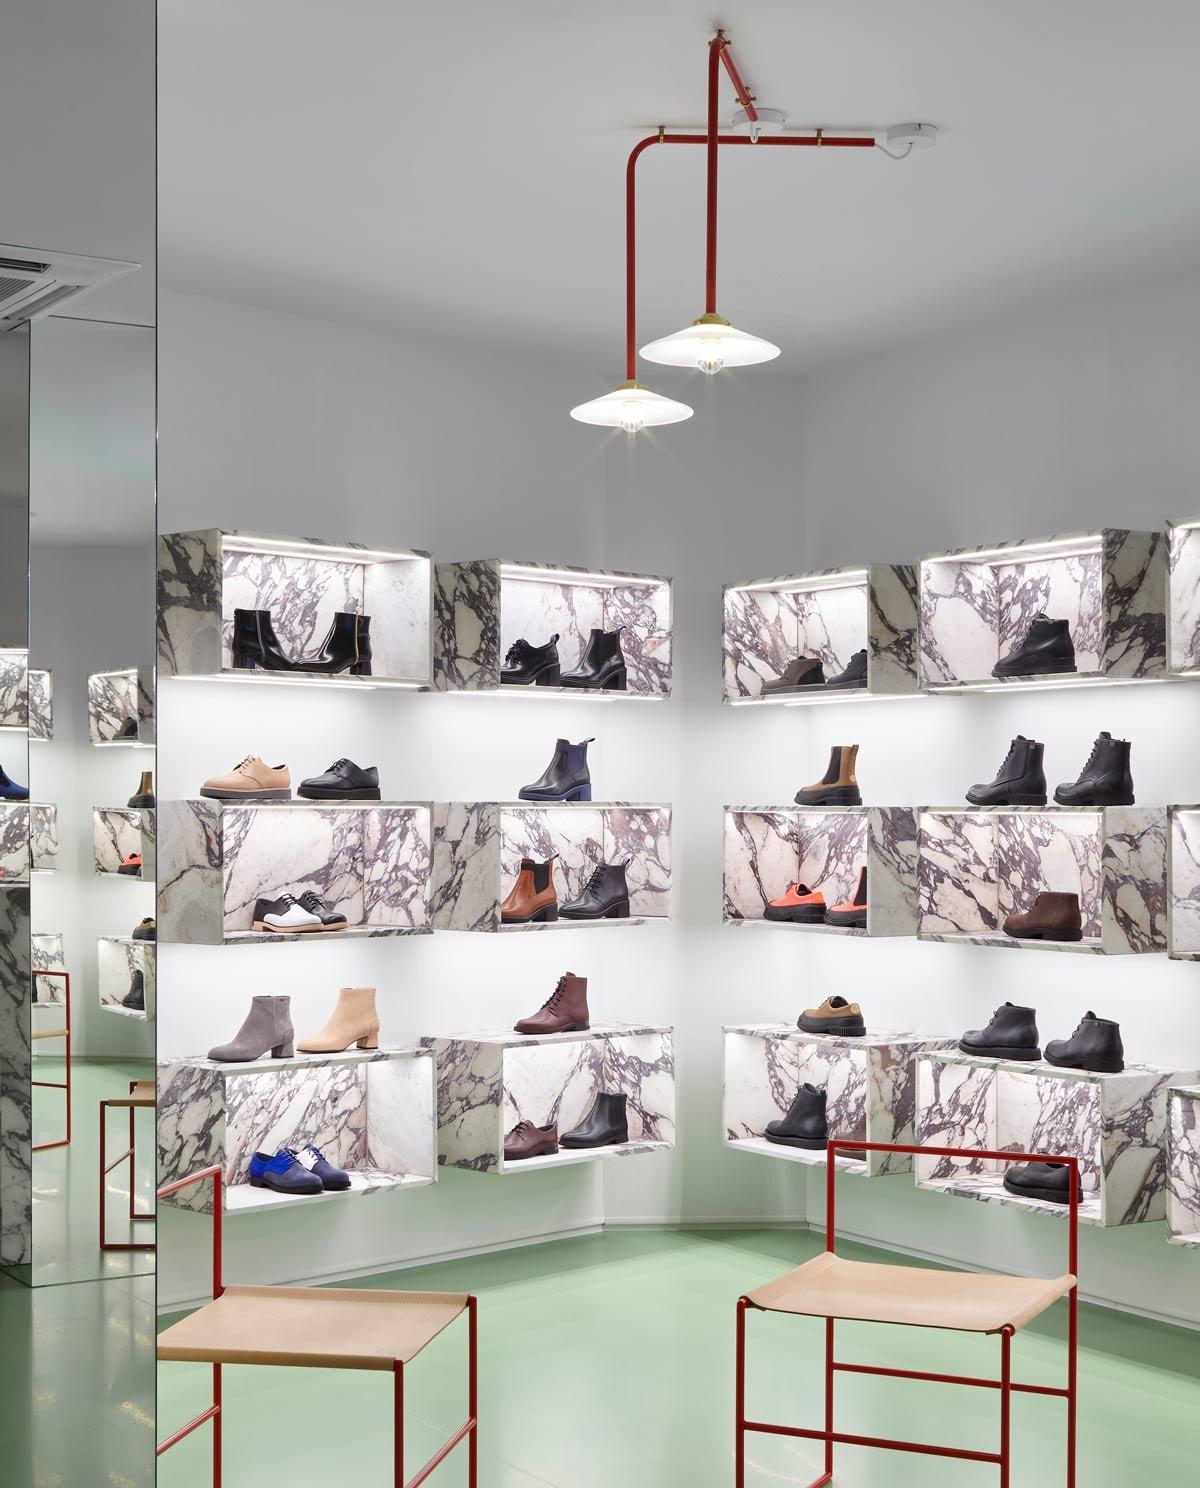 Camper strikt Muller van Severen voor nieuw winkelinterieur Antwerpse store